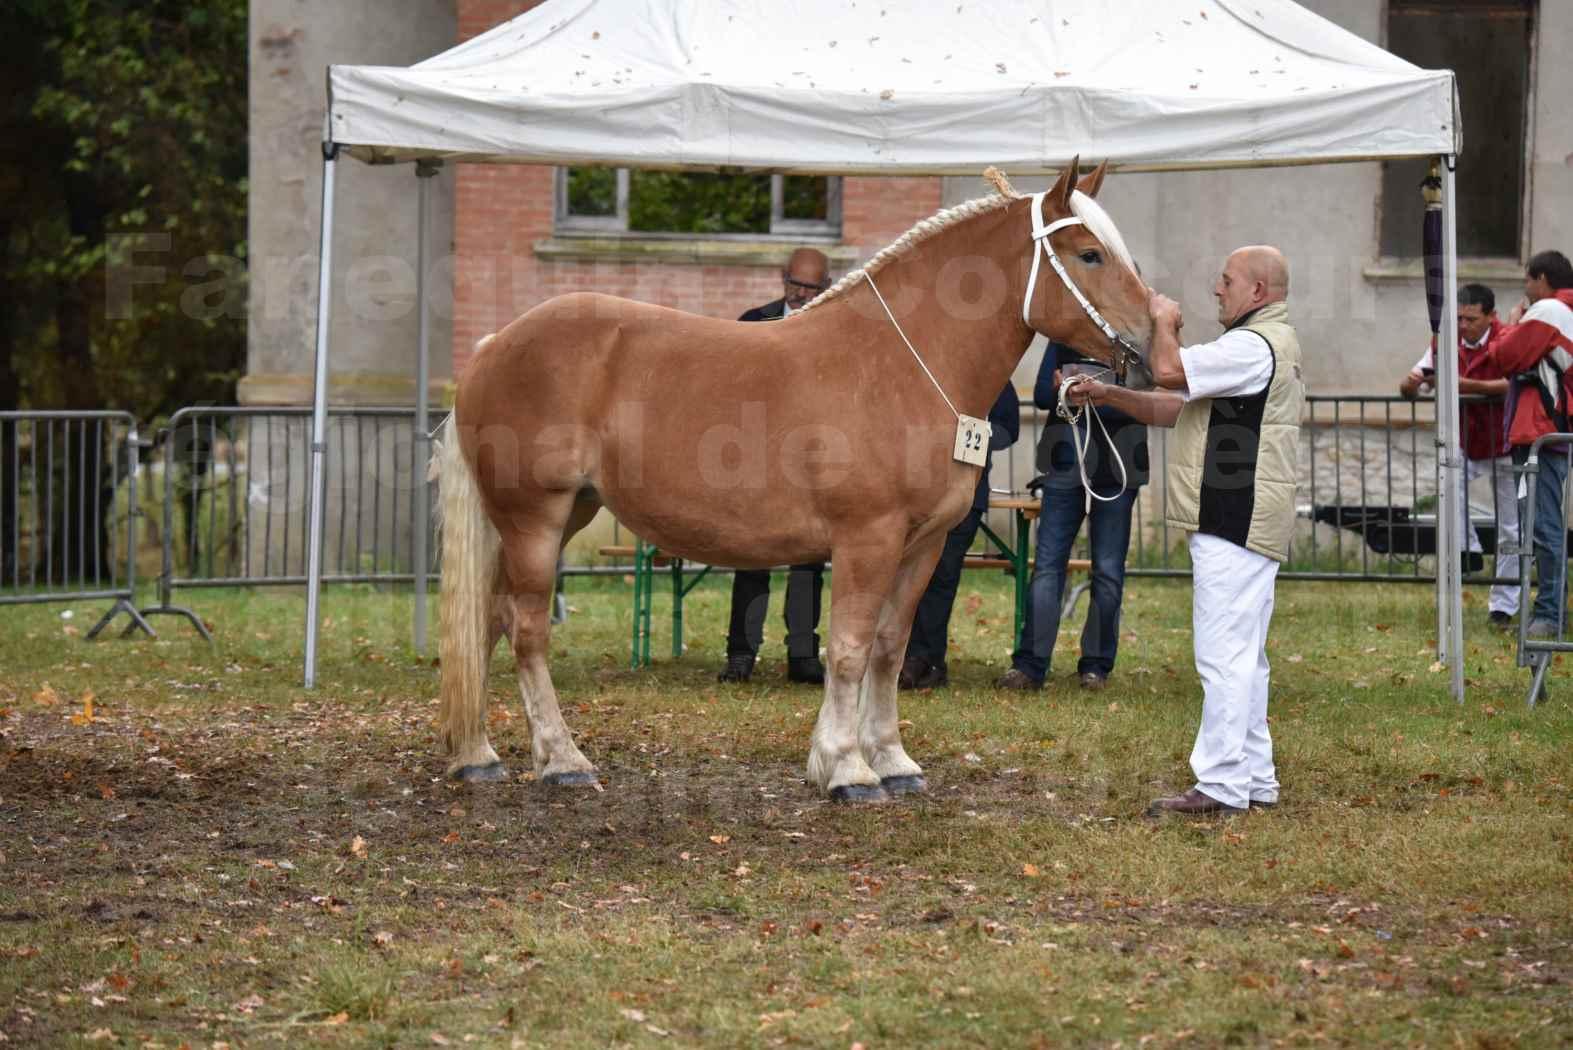 Concours Régional de chevaux de traits en 2017 - Trait COMTOIS - ELLA DE BELLER - 4